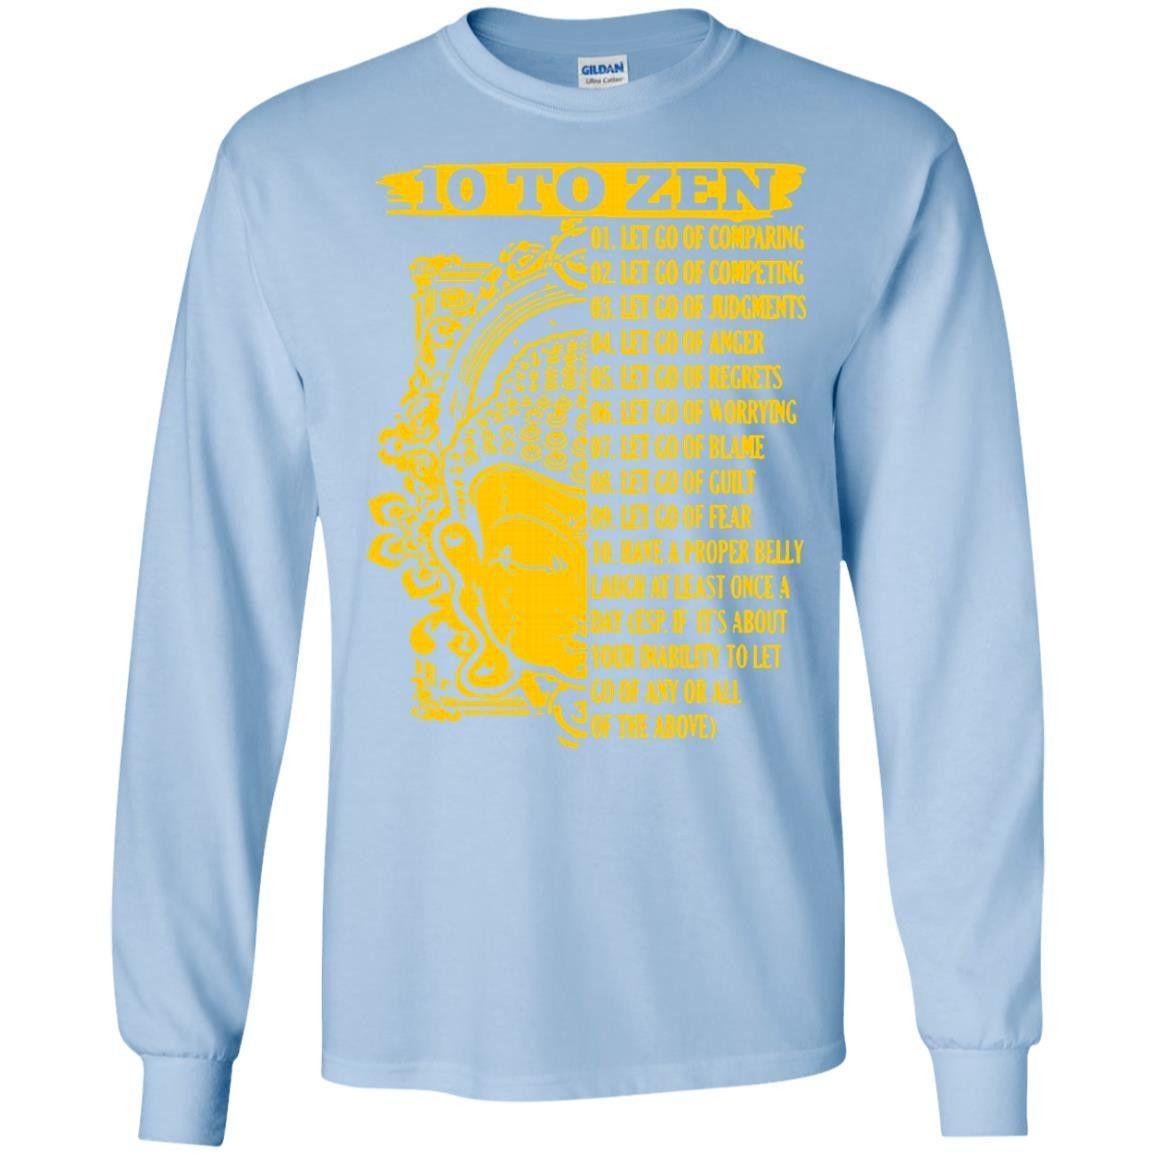 10 TO ZEN G240 Gildan LS Ultra Cotton T-Shirt